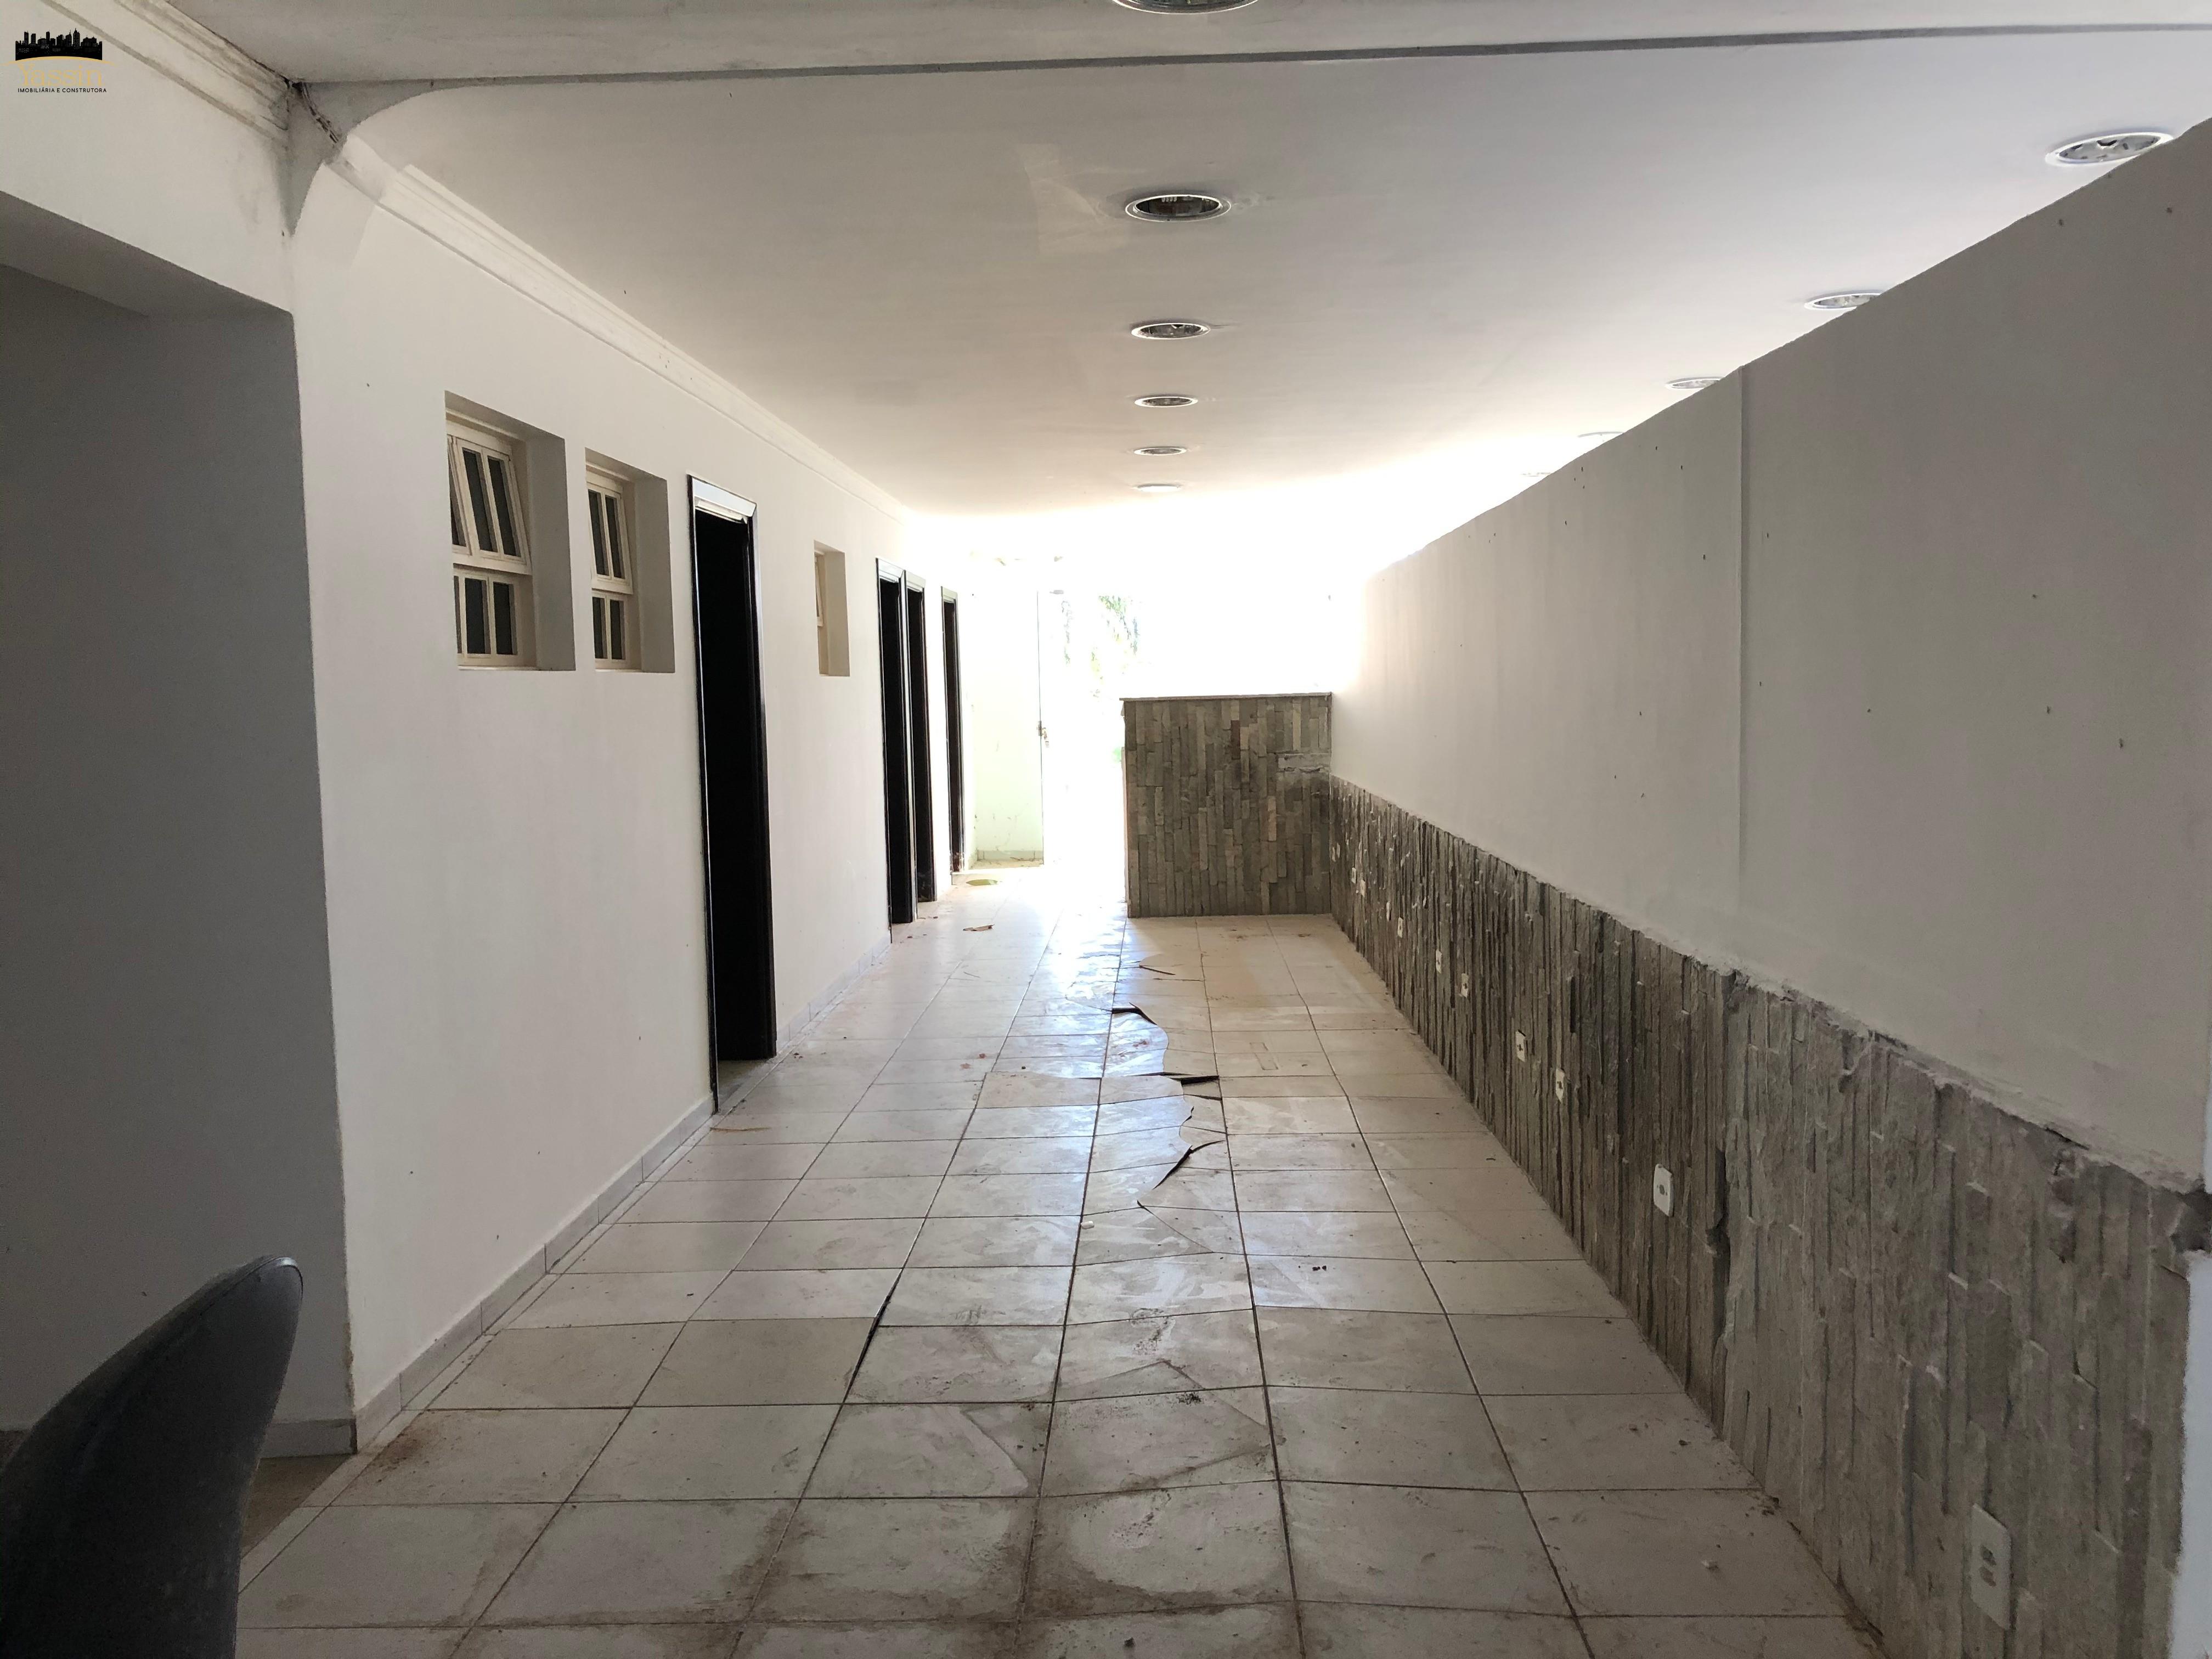 https://www.imoveltop.com.br/imagens/imovel/11/PC00008/116645157.jpg